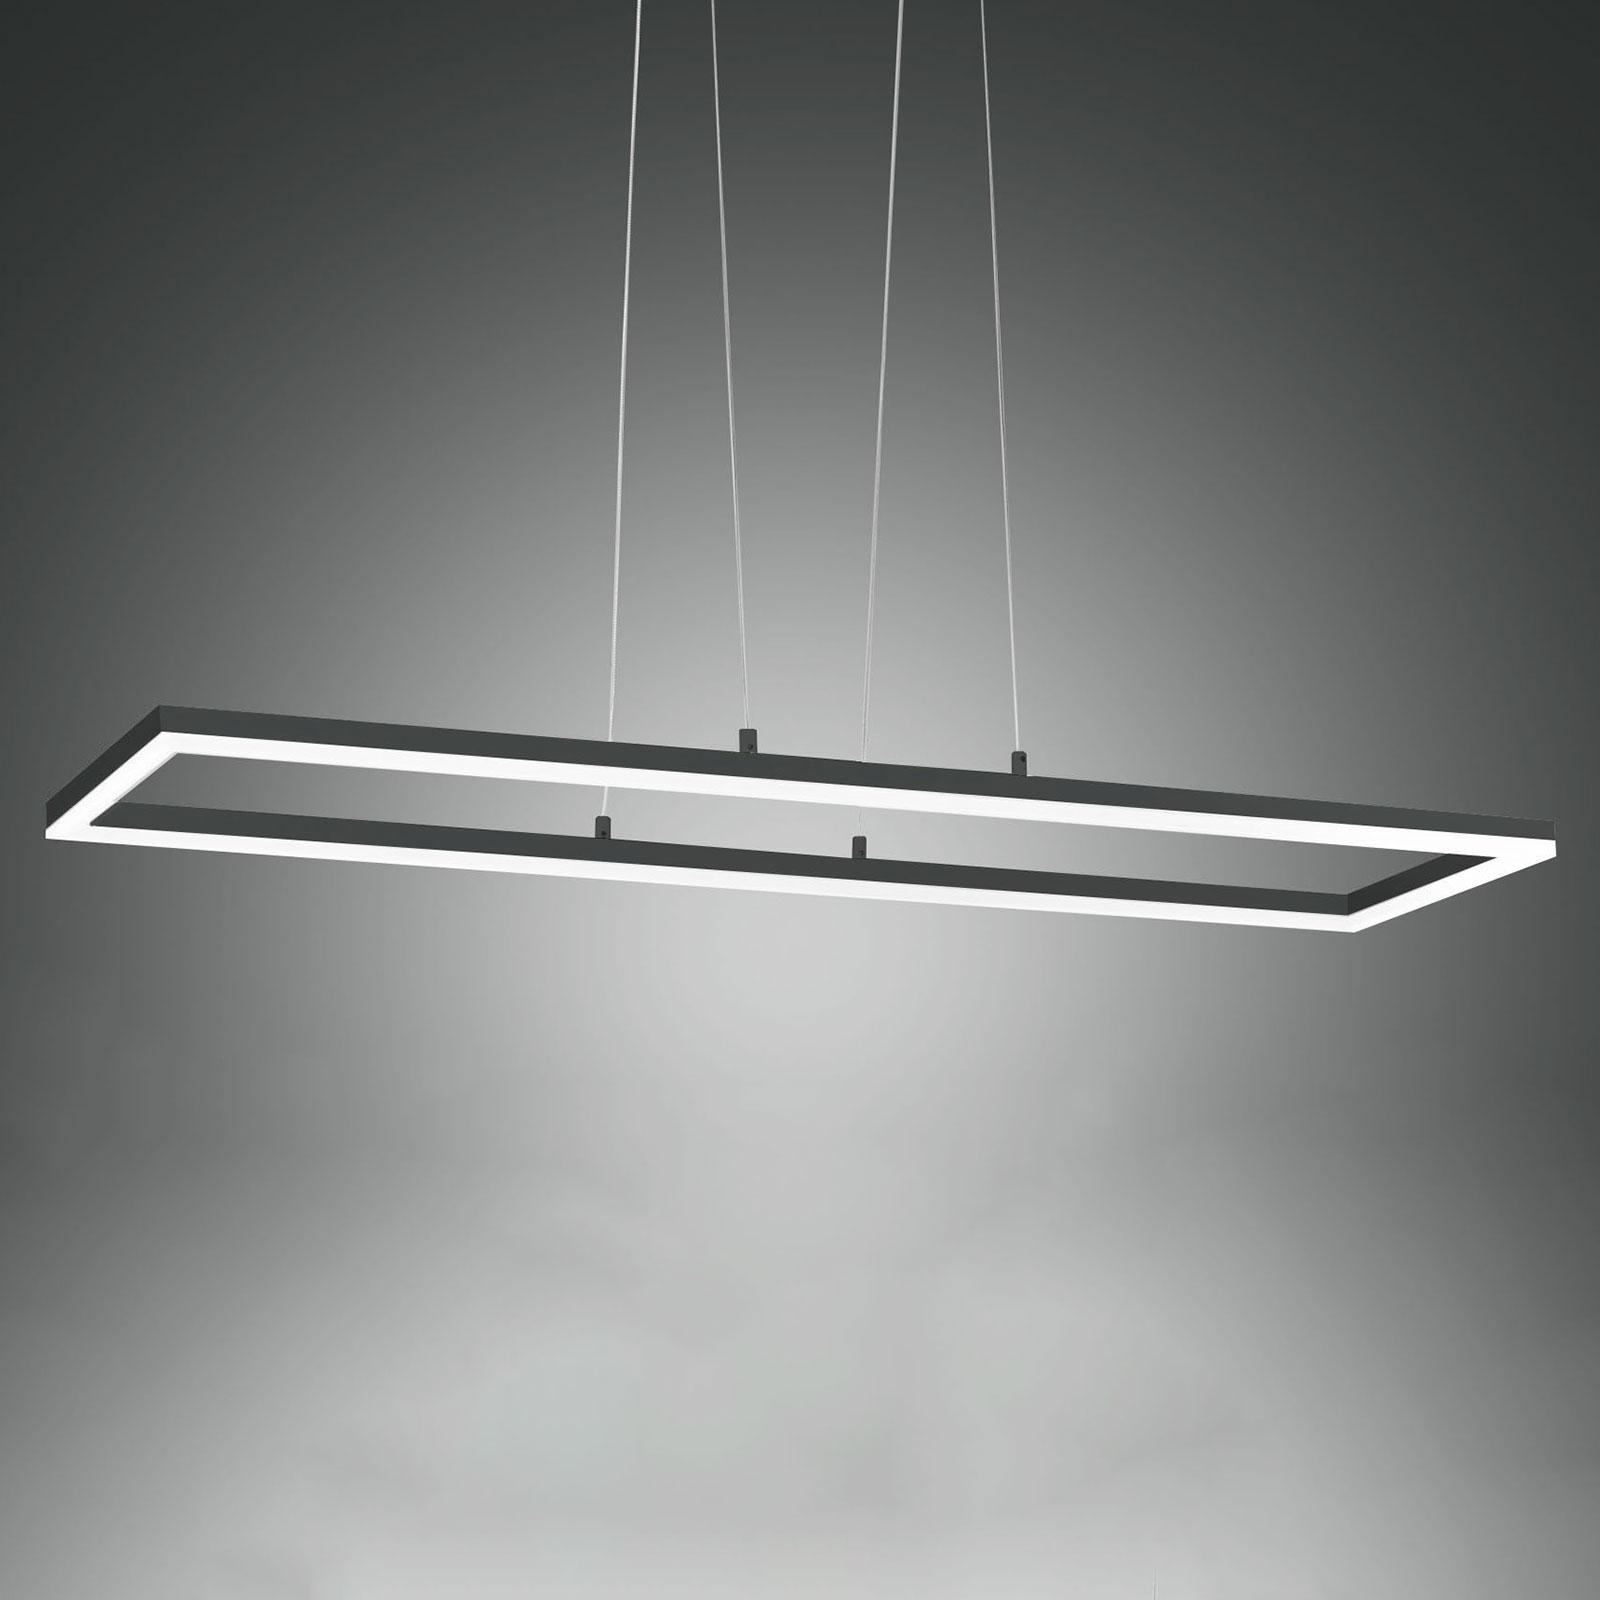 LED-hengelampe Bard, 92x32 cm, antrasitt